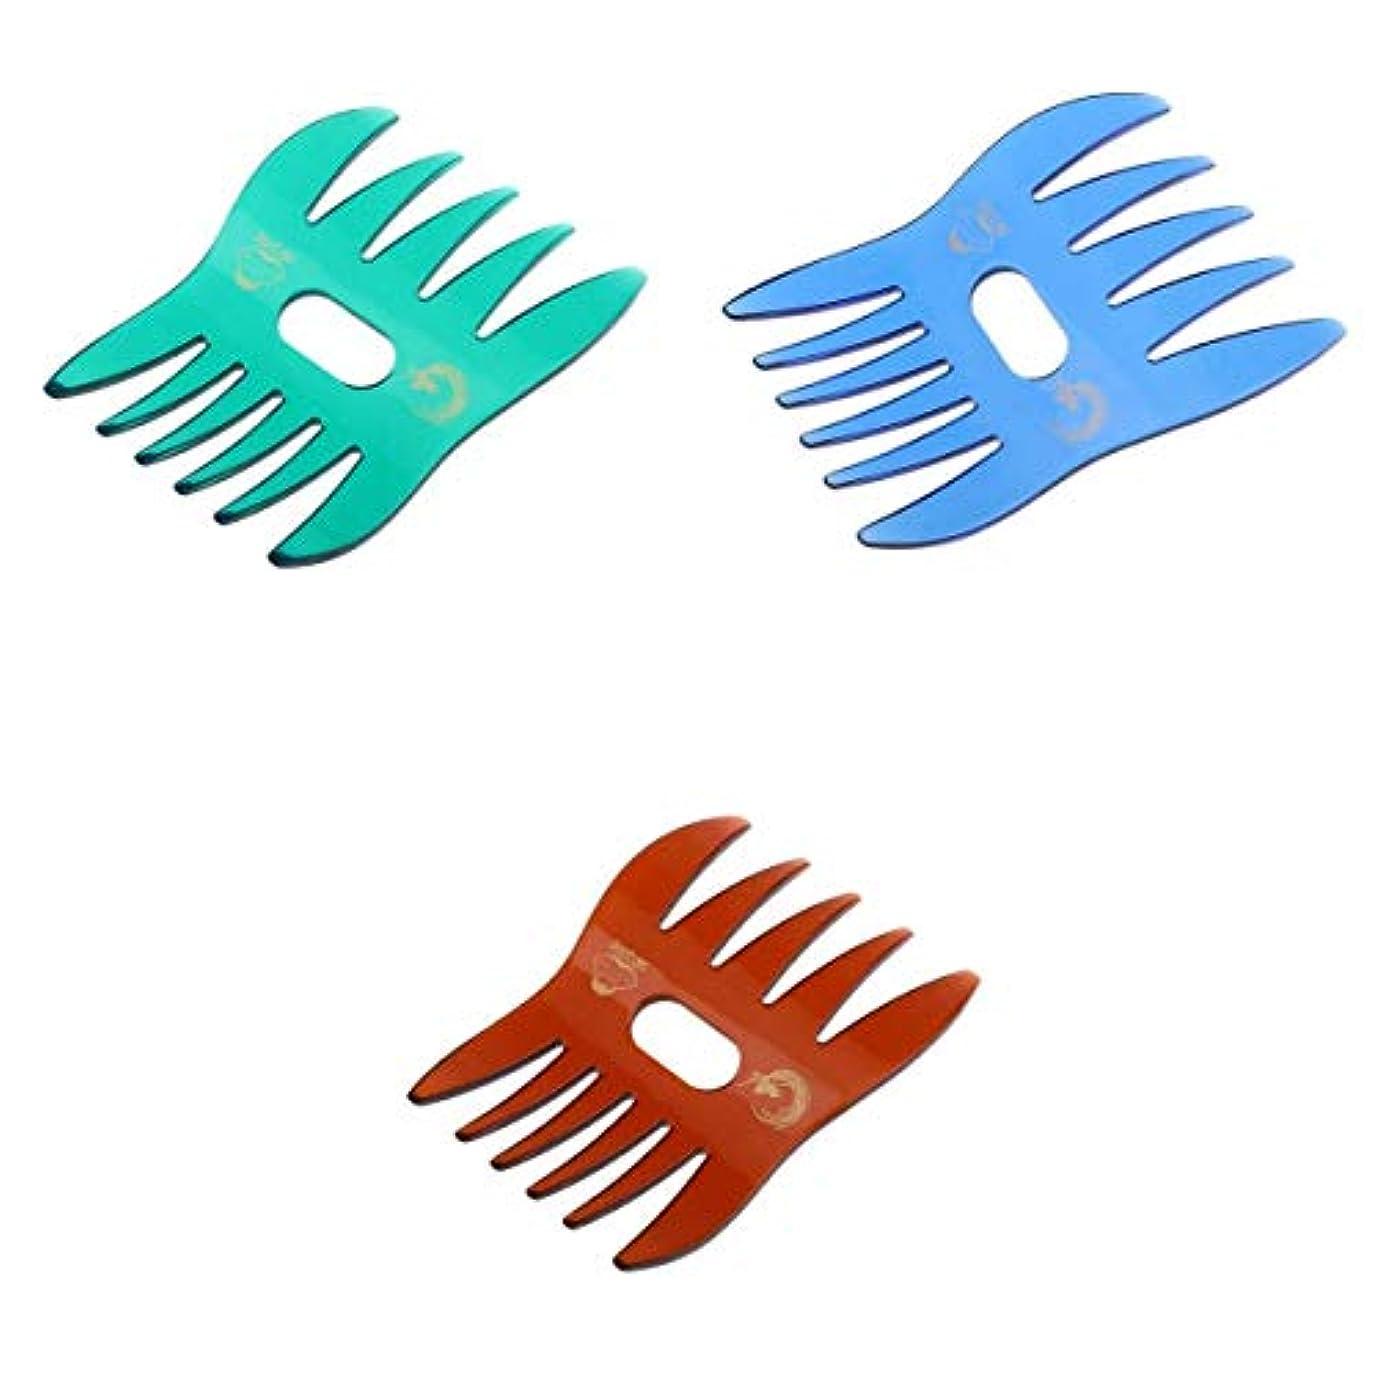 迷彩依存松櫛 ヘアコーム コーム ヘア櫛 静電気防止 粗歯 頭皮マッサージ オイルヘアスタイル